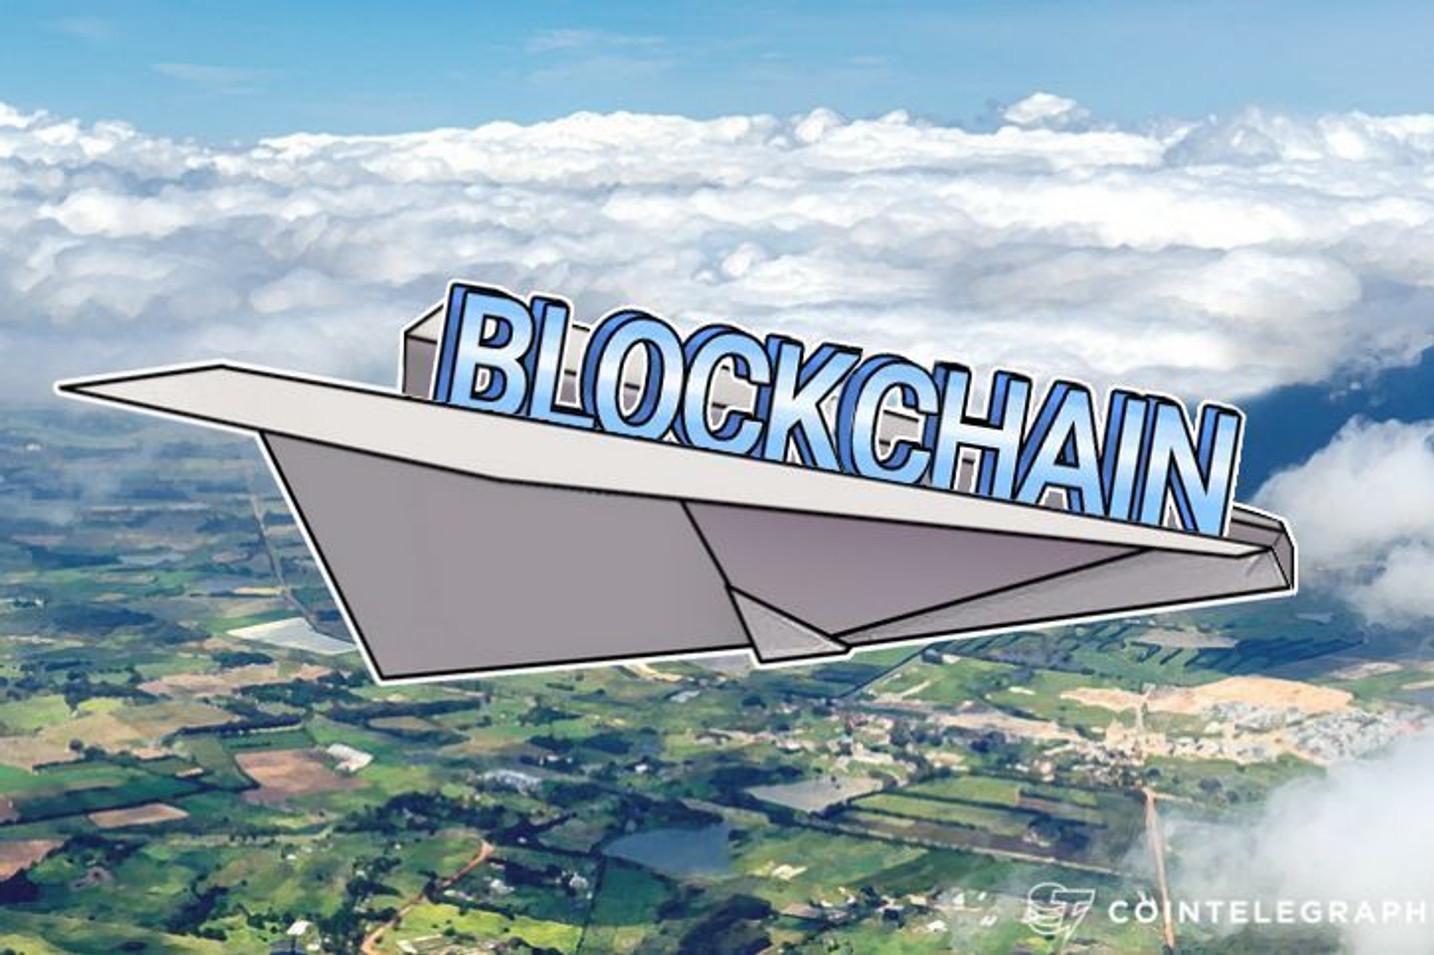 Dólares digitales y libras digitales, ejecutivo de Citi cree que la moneda fiduciaria digitalizada es clave para la adopción de Blockchain